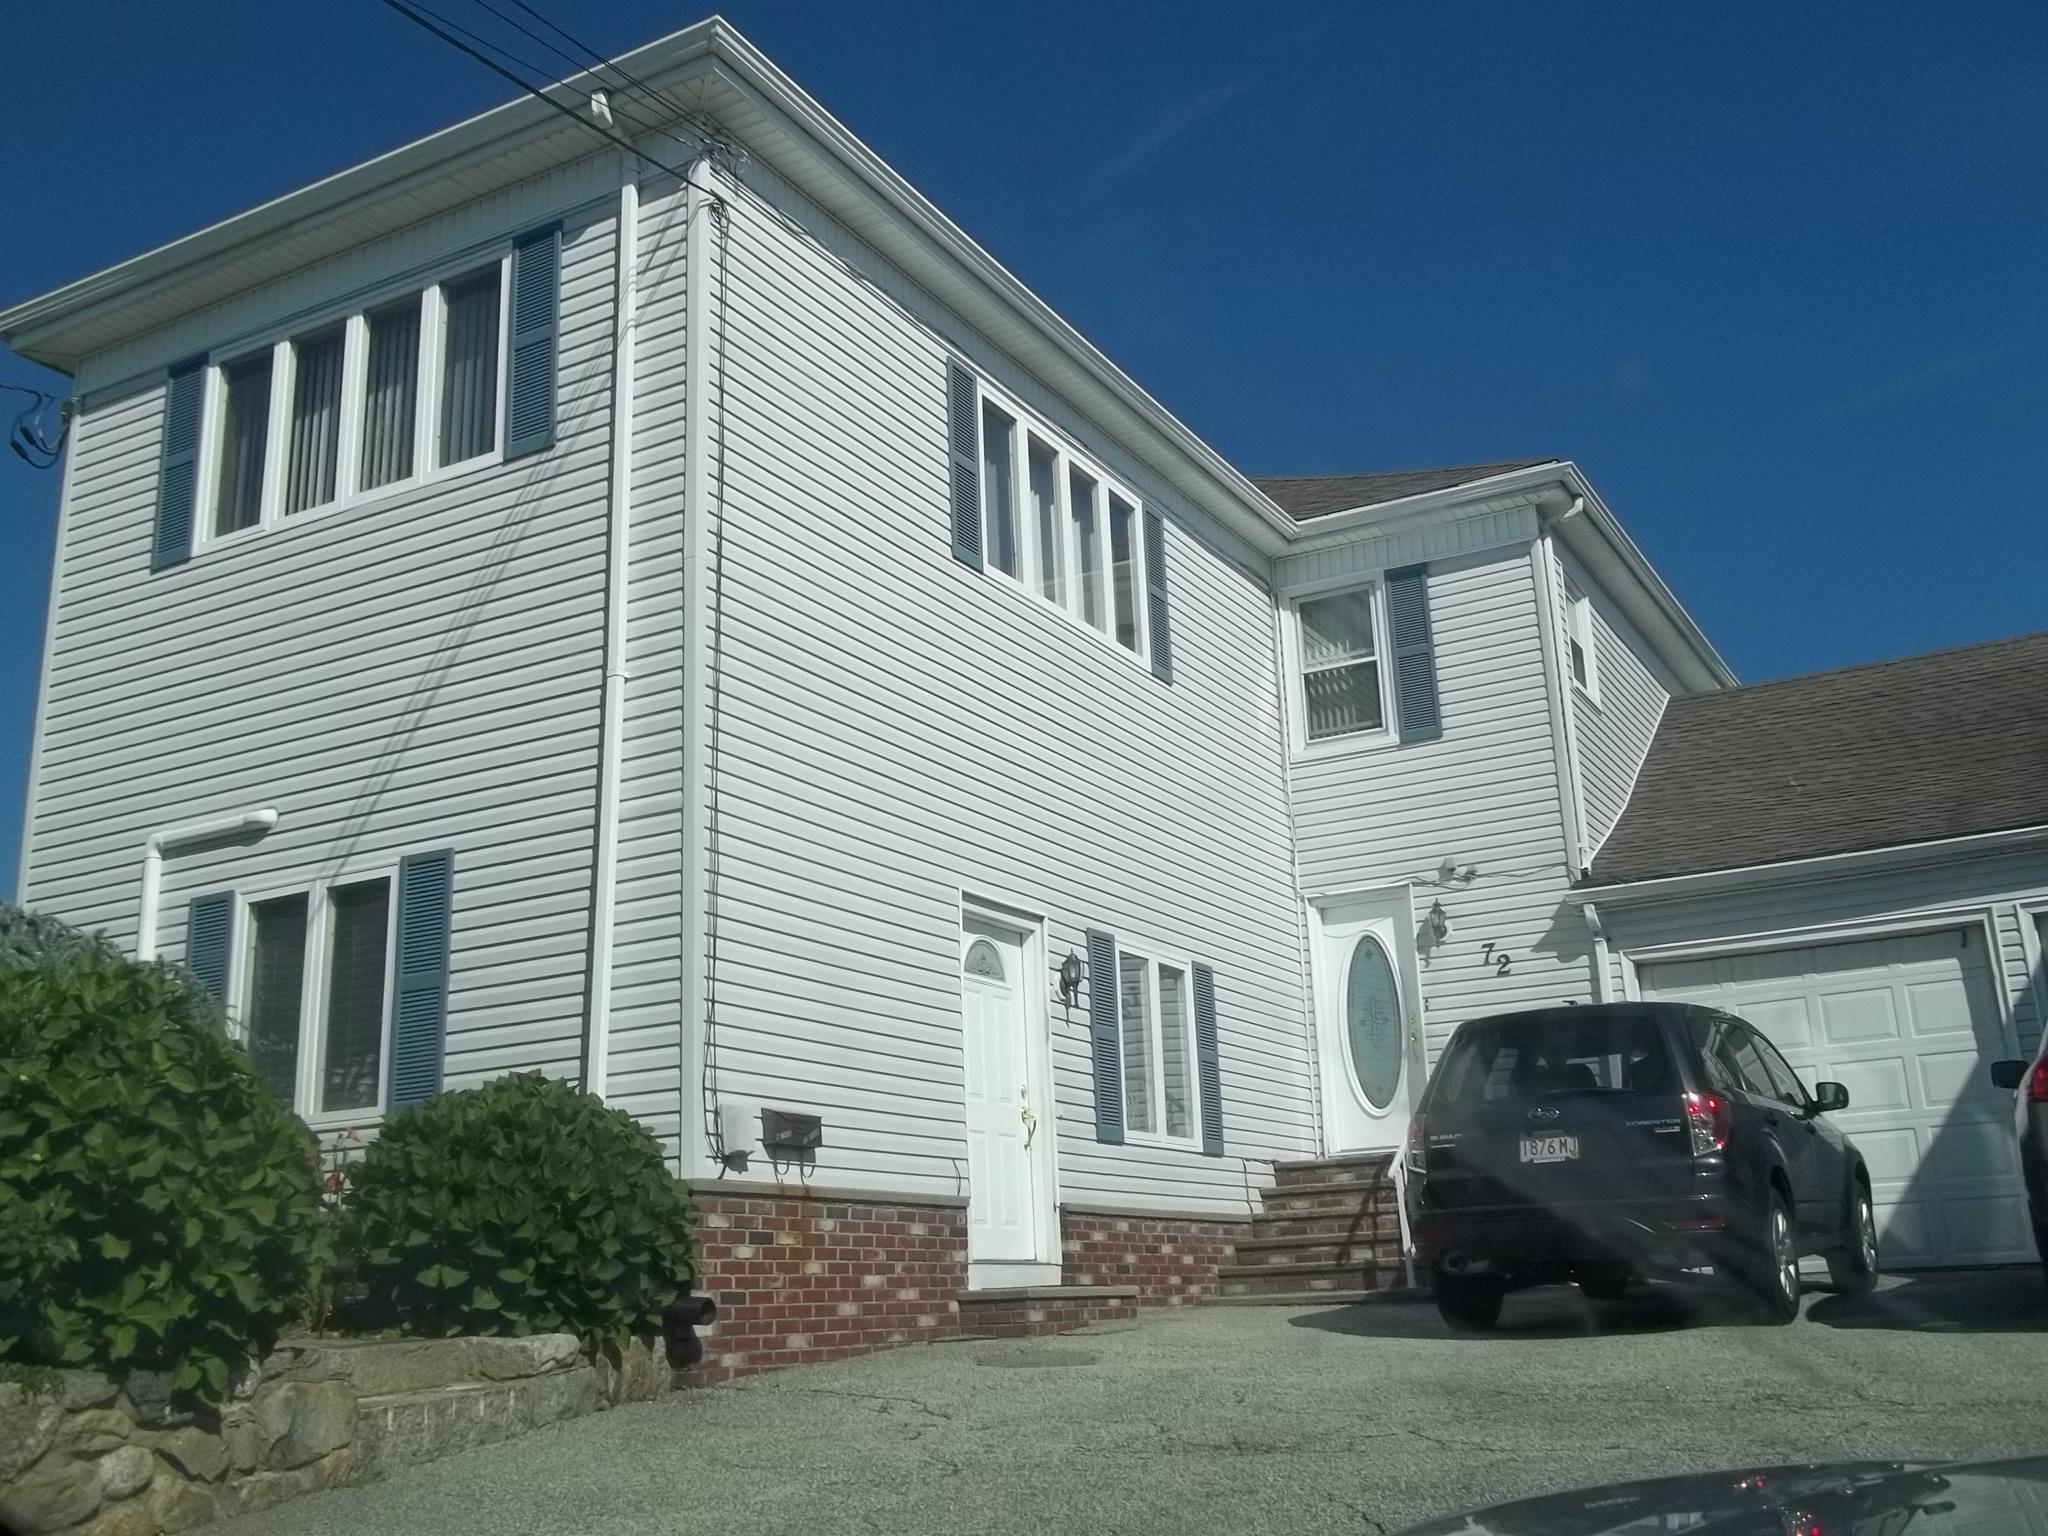 72 Cash St., Fall River, Massachusetts 02723